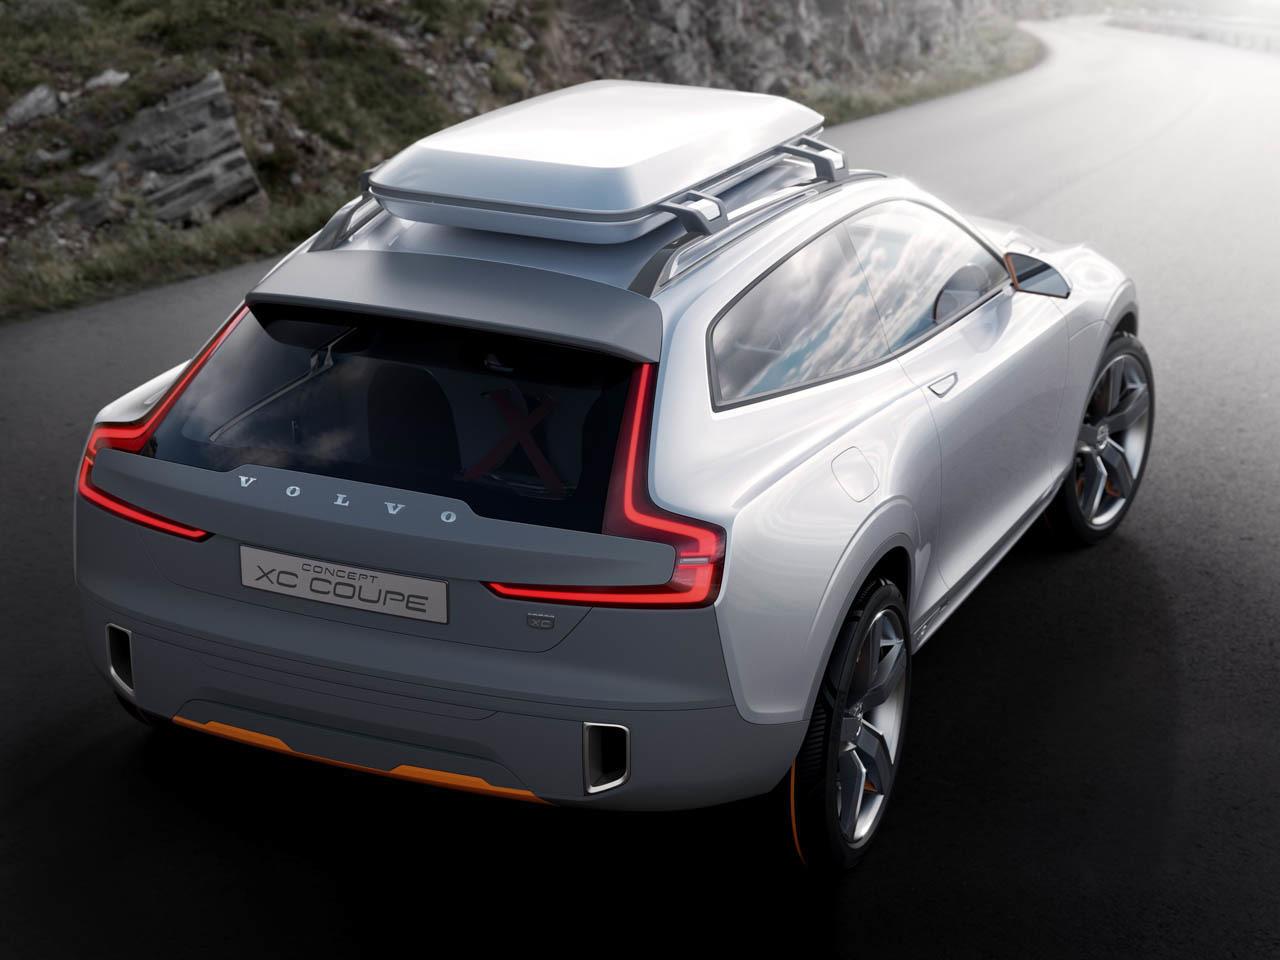 volvo-concept-xc-coupe-08-1